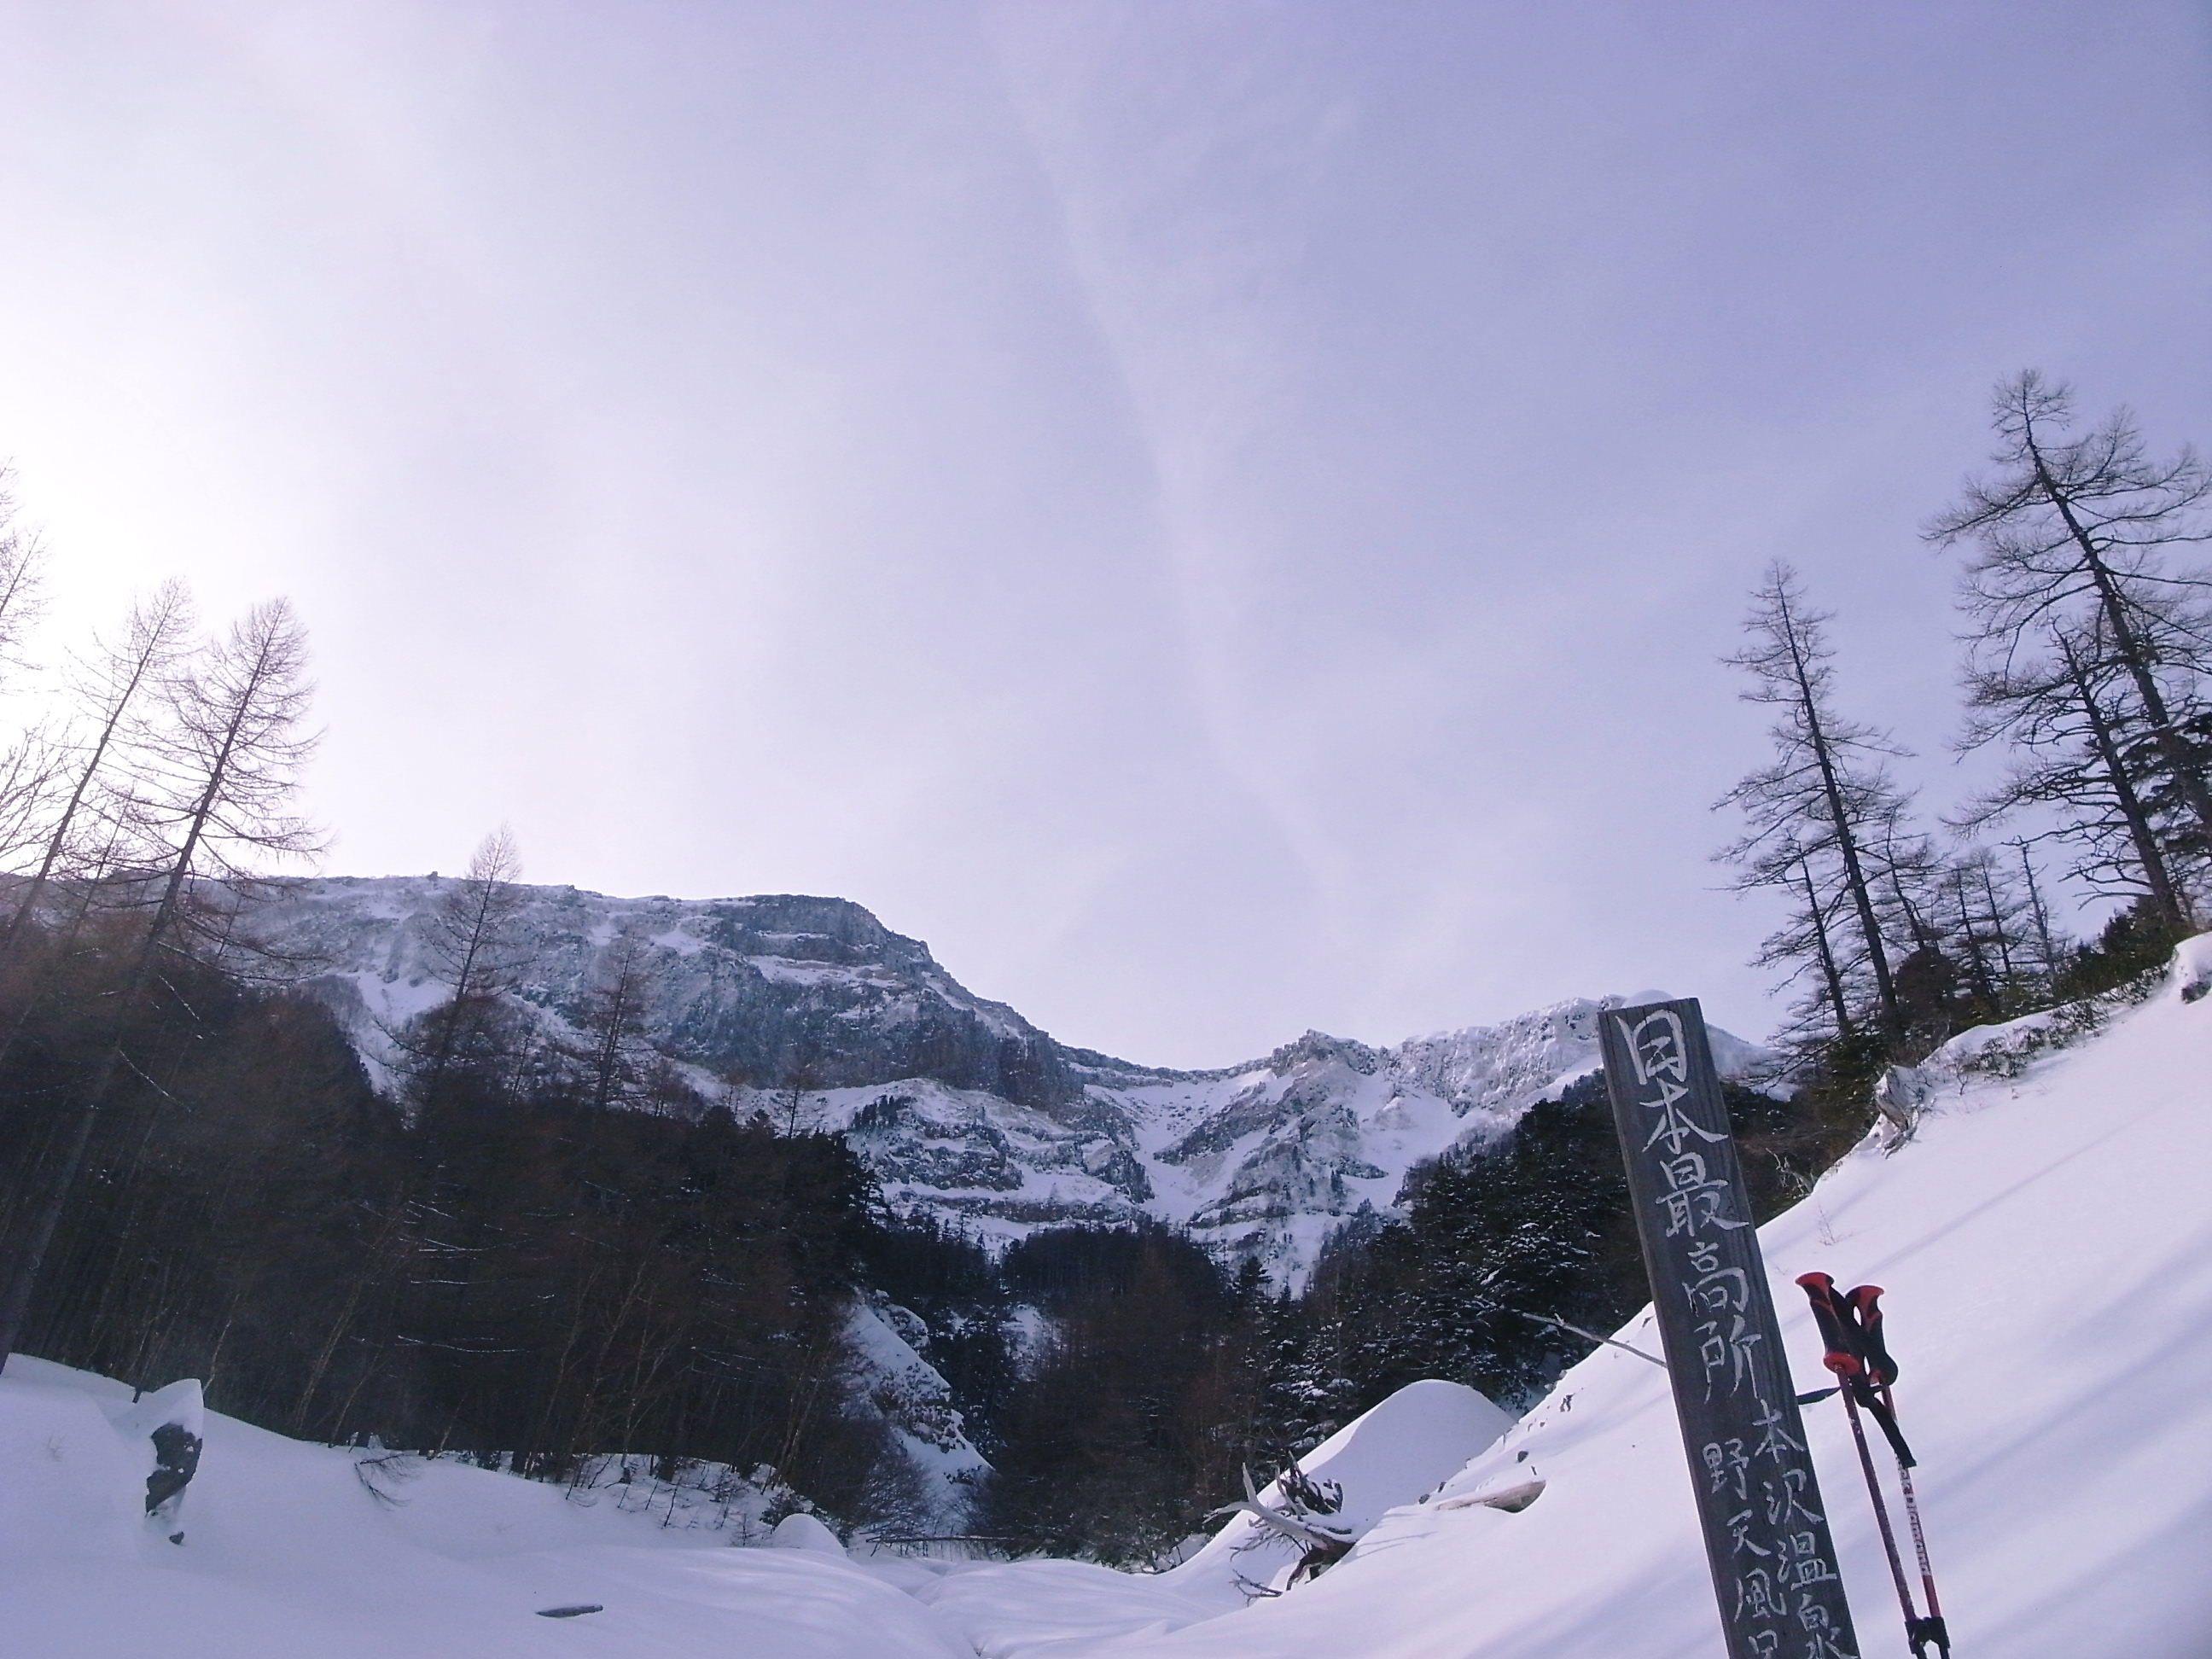 八ヶ岳スノーハイク 本沢温泉 Day2 22. January 2009